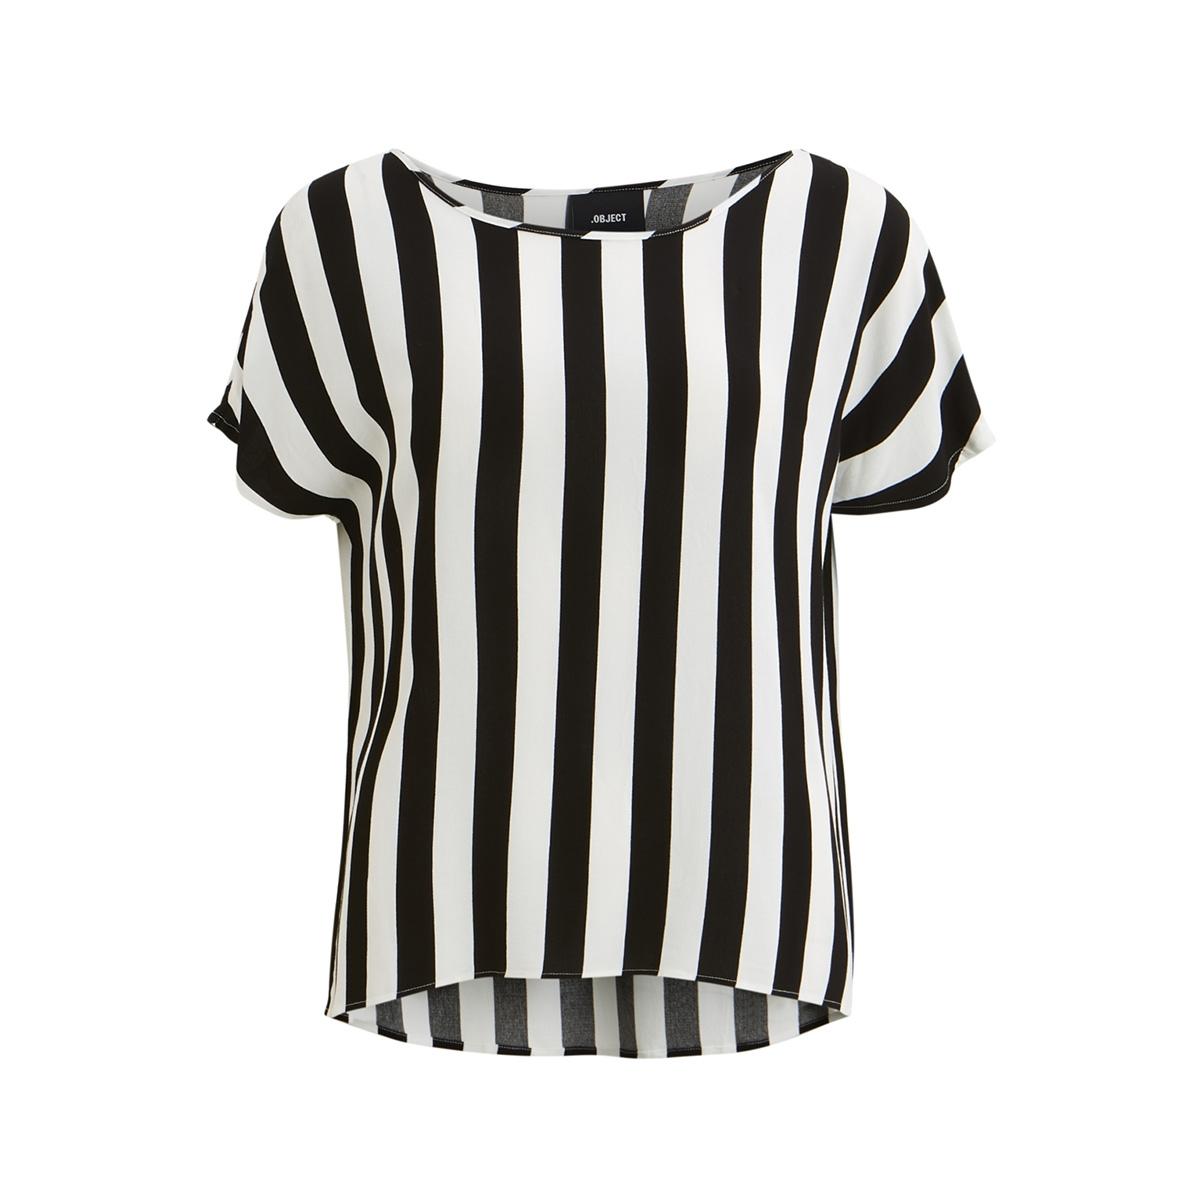 objbay s/s urban top aop seasonal 23028784 object t-shirt black/w. white s